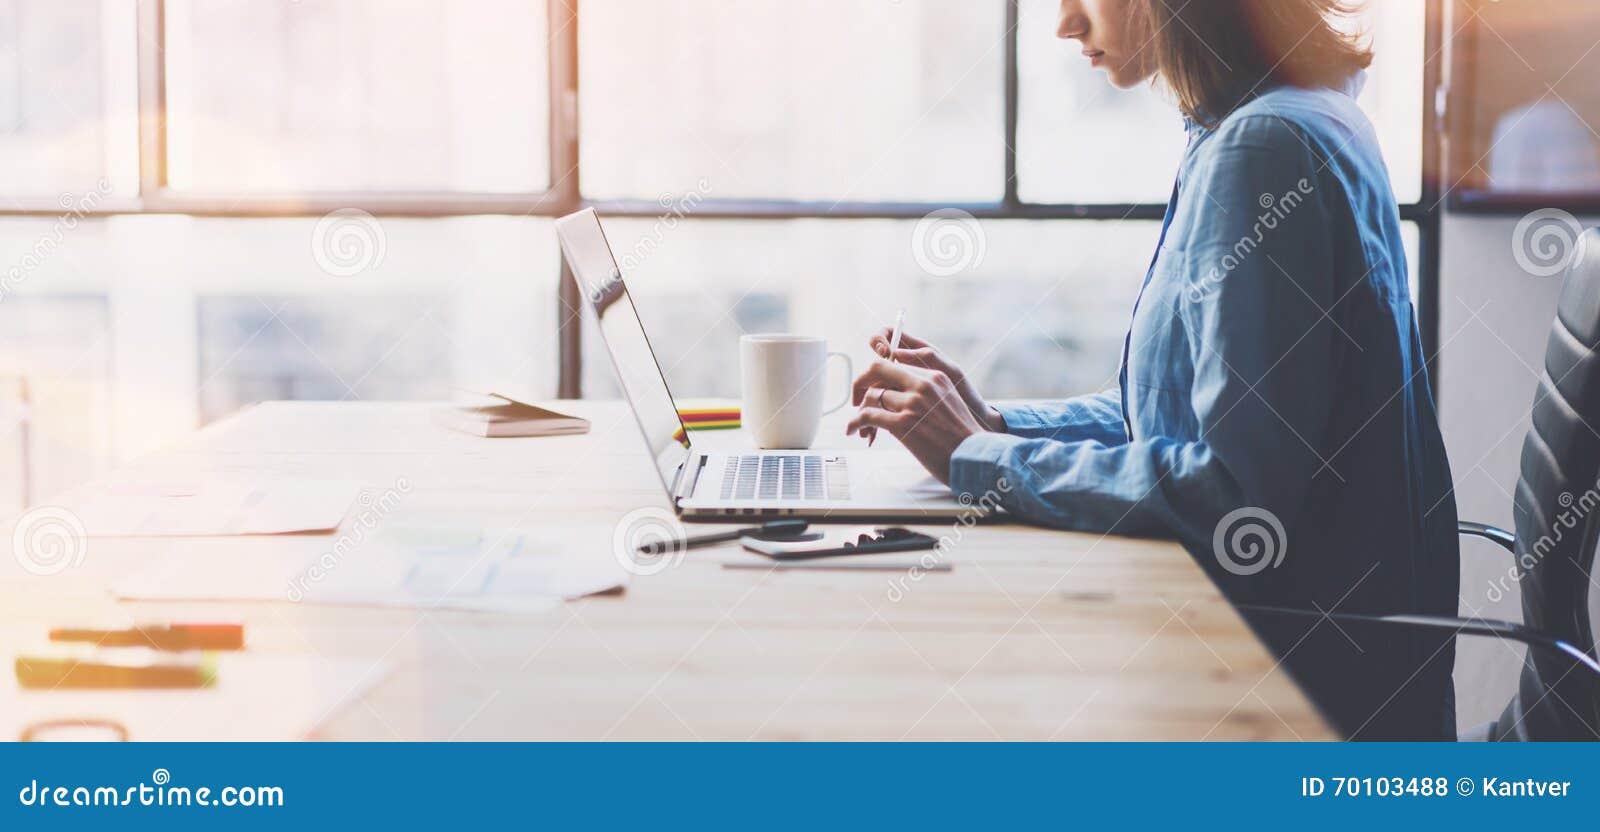 Ufficio moderno trattato di lavoro Tavola di legno di lavoro del responsabile di finanza dei giovani con la nuova partenza di aff